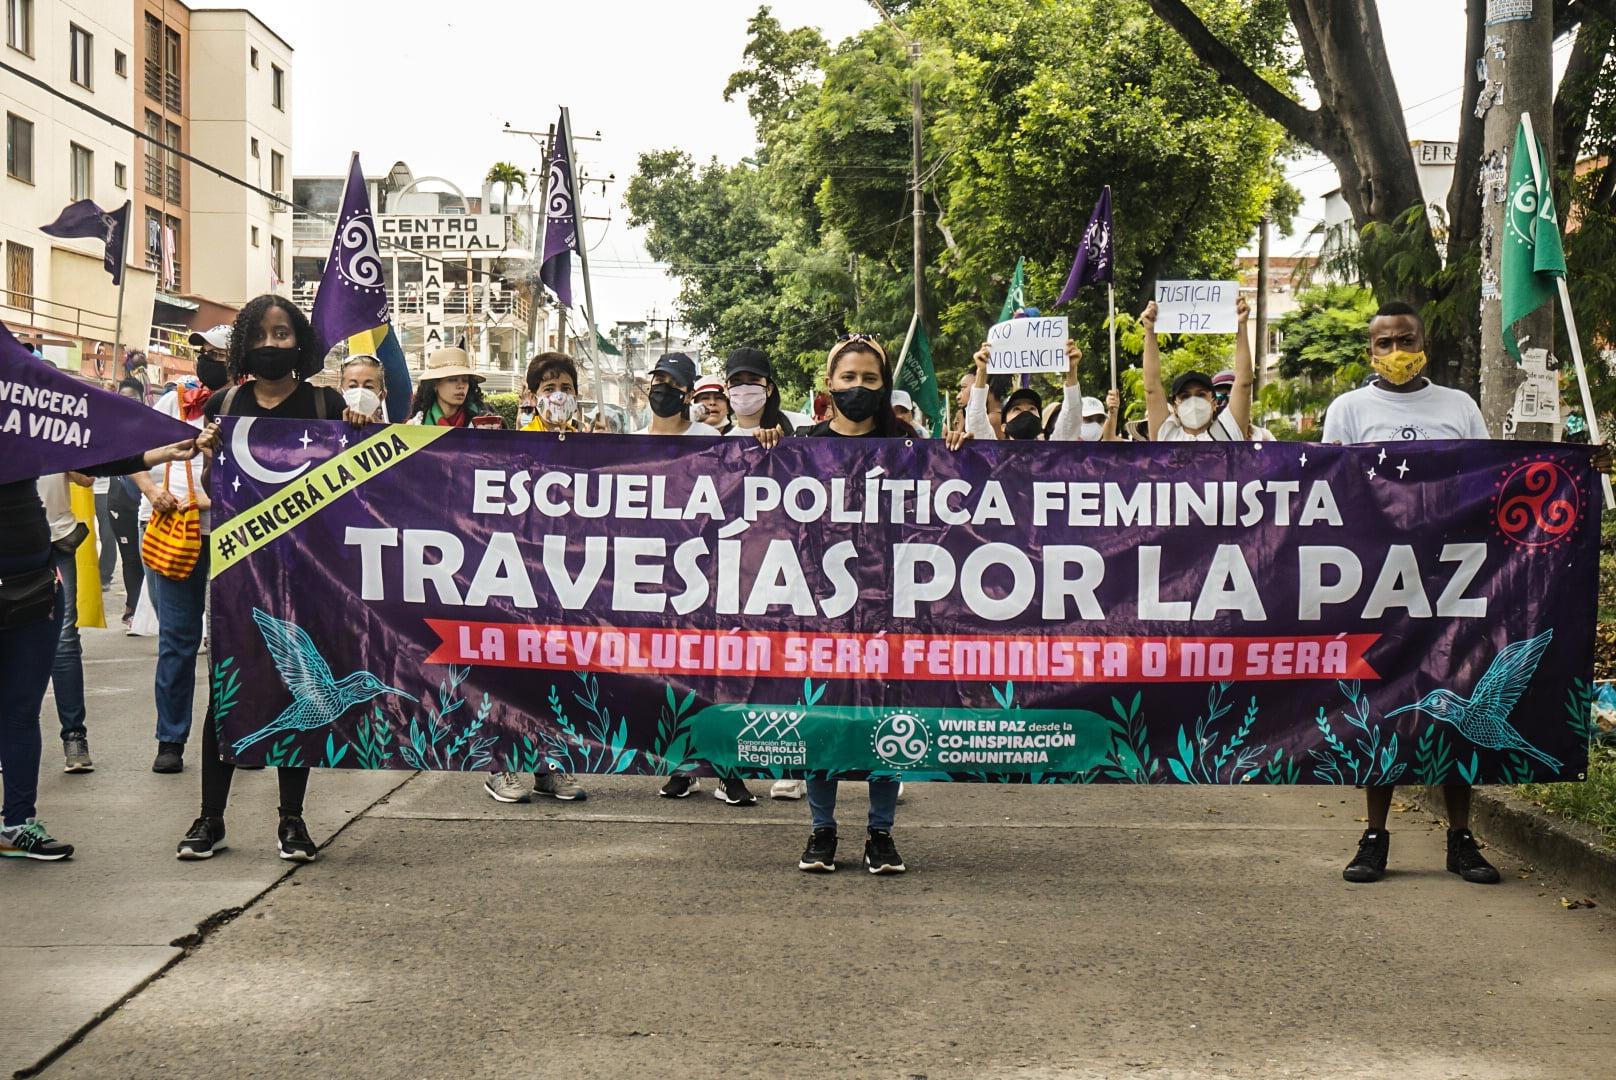 """Puede ser una imagen de 2 personas, personas de pie, al aire libre y texto que dice """"MERCI VENCERÁ A VIDA! EIR FUSTICIA PAZ MAS VIOLENCIA #VENCERAL LA VIDA ESCUELA POLÍTICA FEMINISTA TRAVESÍAS POR LA PAZ LAREVOLUCIÓN SERÁ FEMINISTA 0 no SERÁ VIVIREN O-INSPIRACIÓN COMUNITARIA"""""""